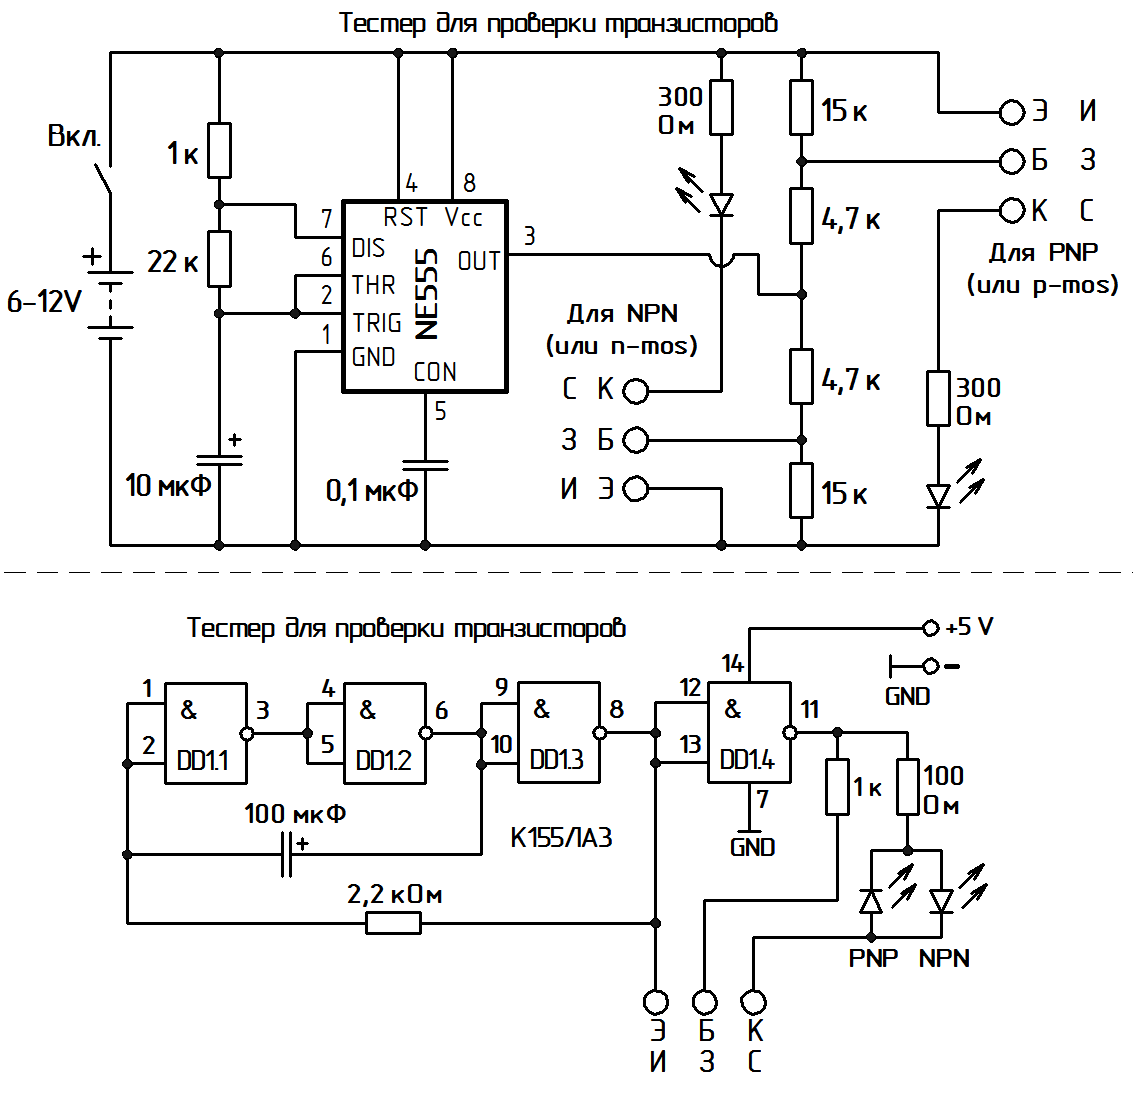 Схему прибора для проверки мощных полевых транзисторов